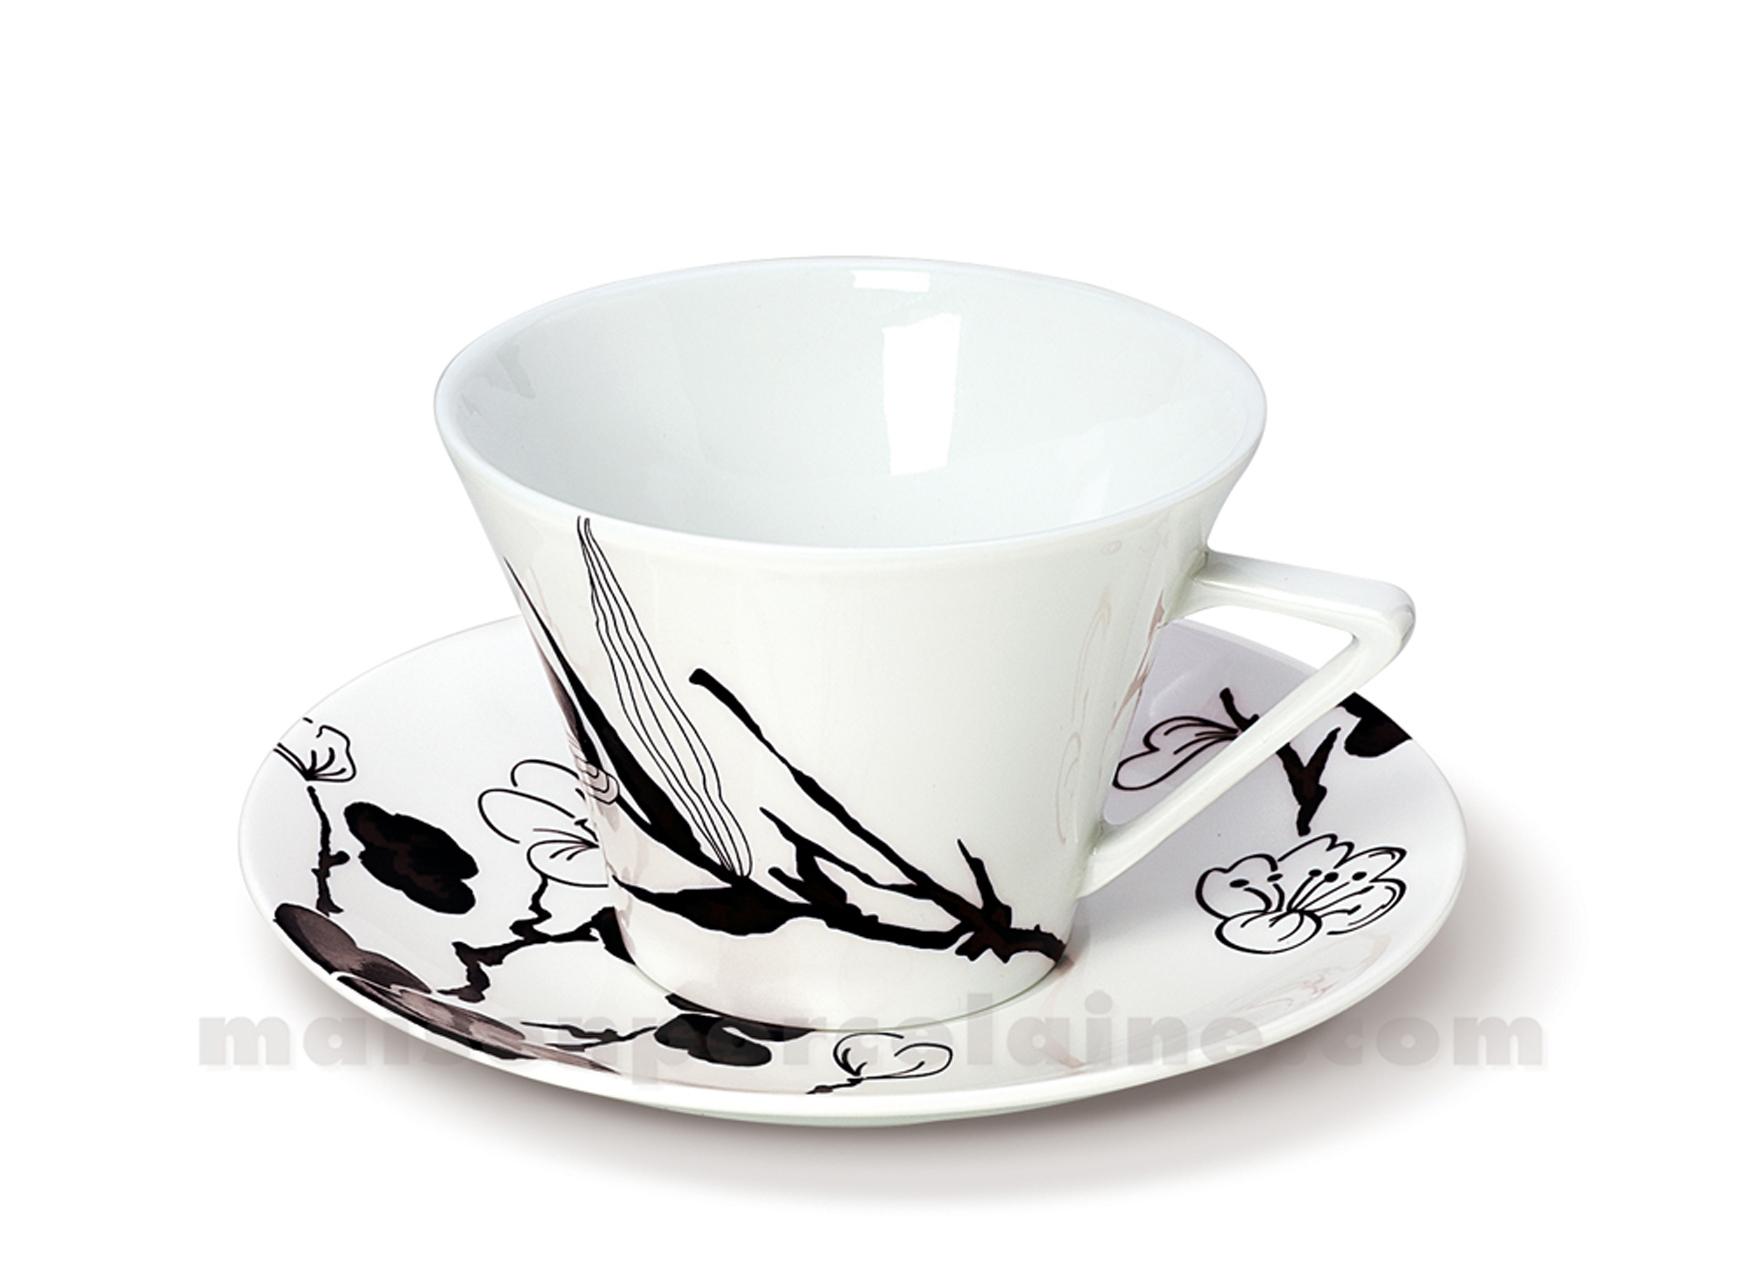 tasse dejeuner soucoupe limoges haussmann 37cl maison de la porcelaine. Black Bedroom Furniture Sets. Home Design Ideas